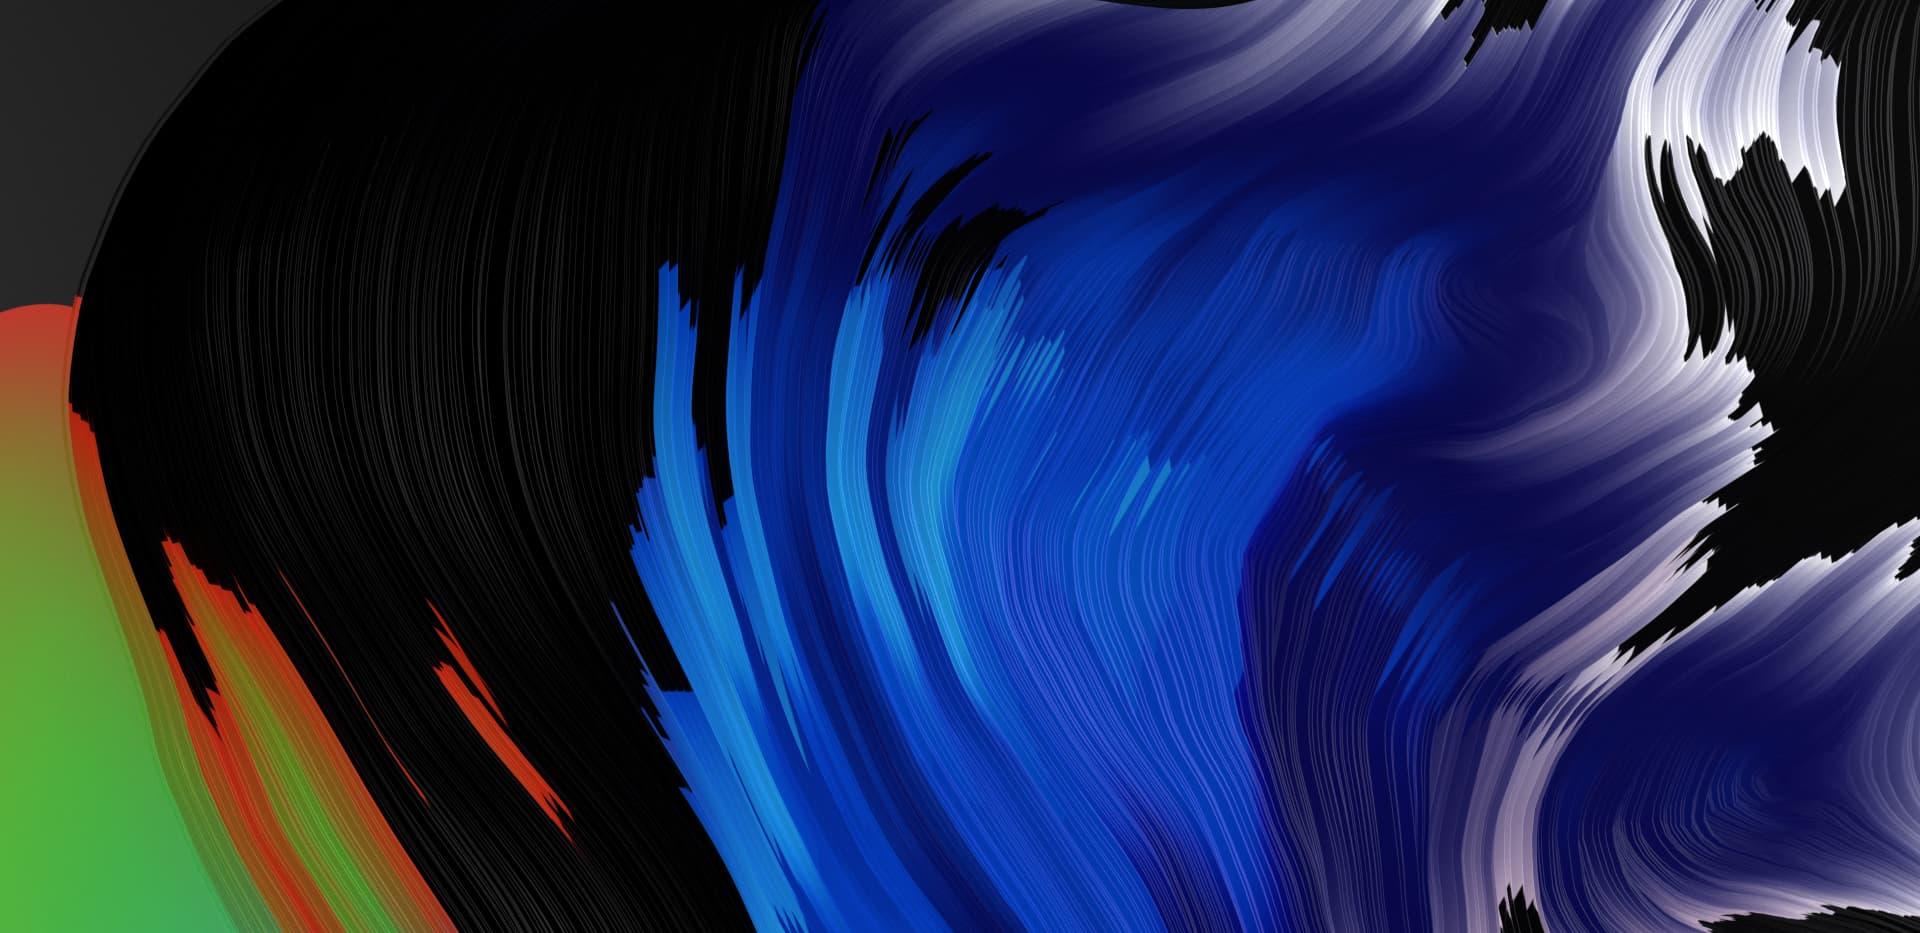 Graphic_Design_02_boxSlice_AG_v02.CAM_02_hor_ск